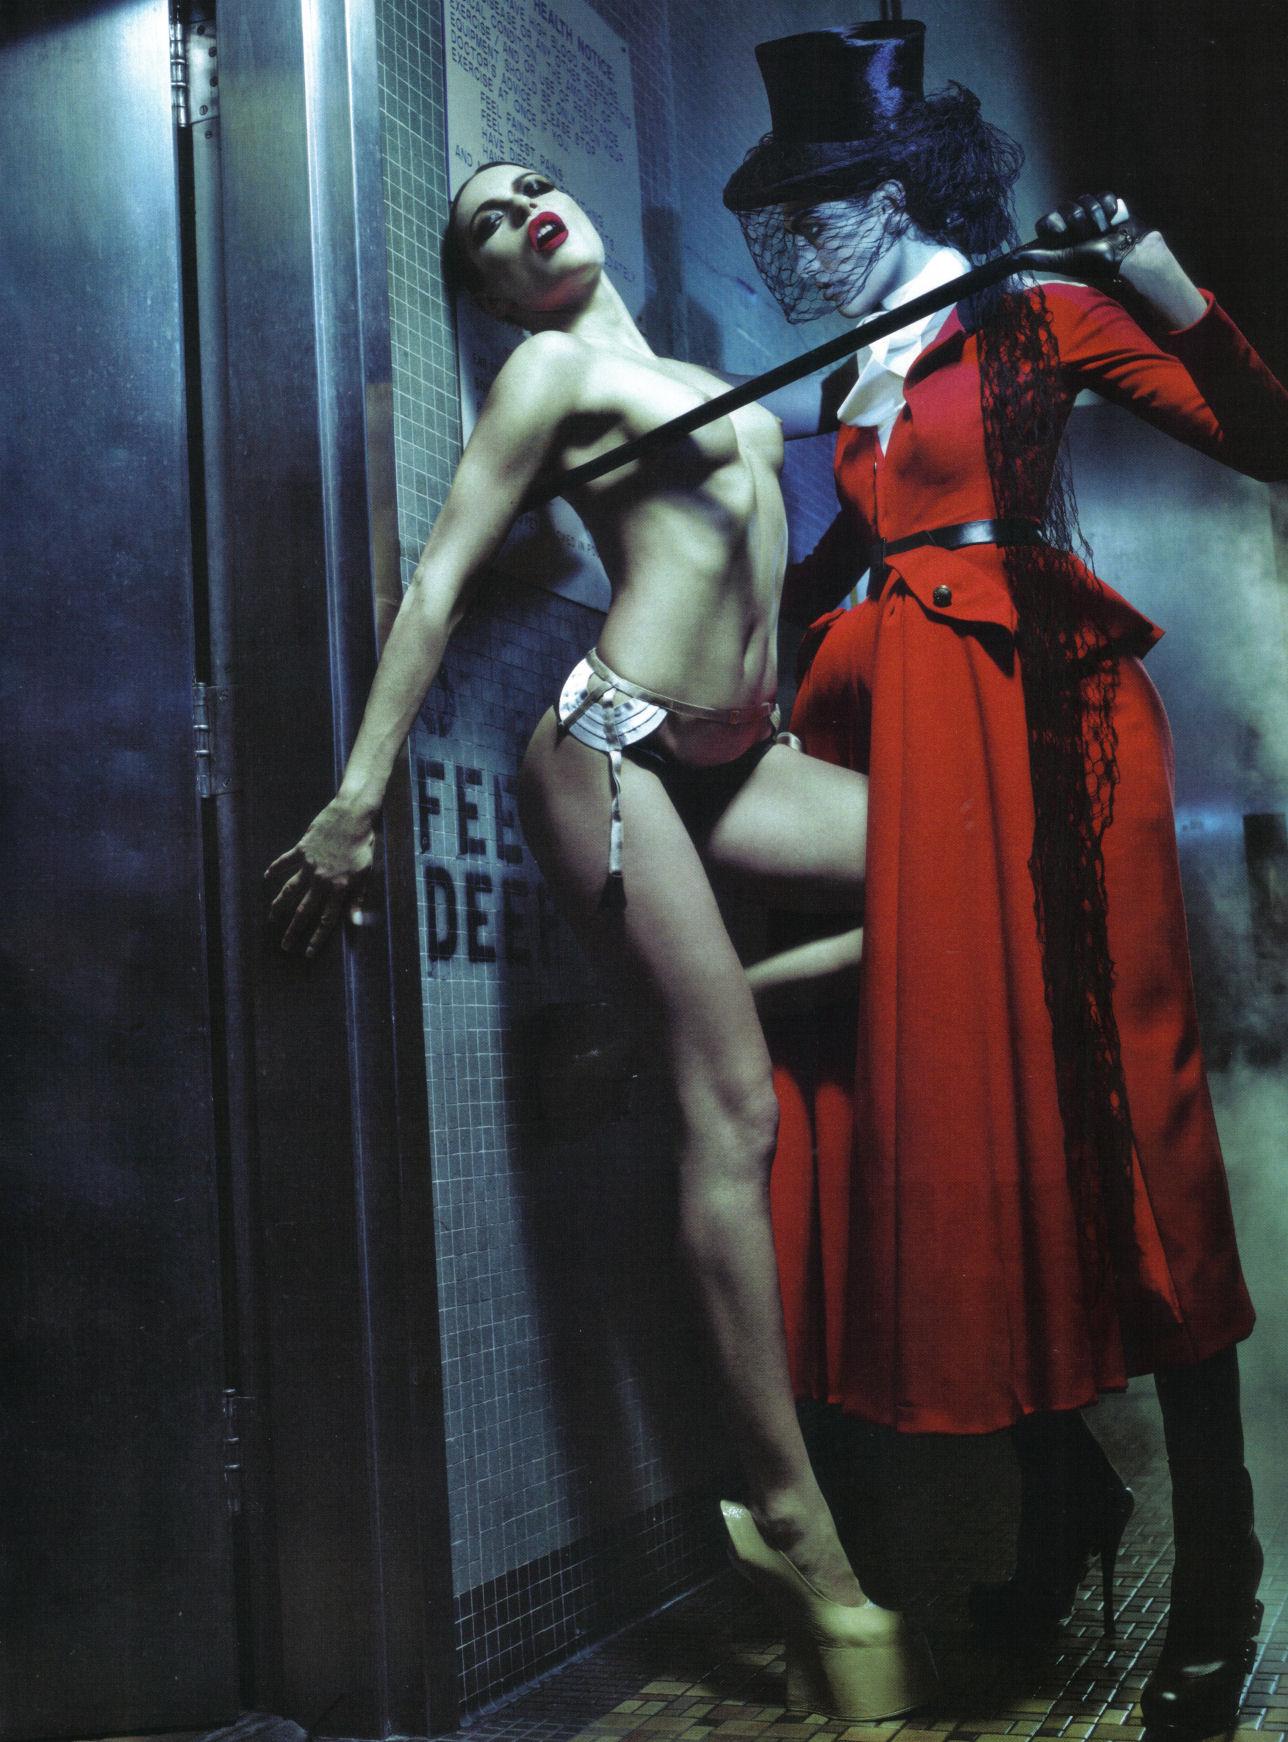 Рье расмуссен эротические фото 4 фотография